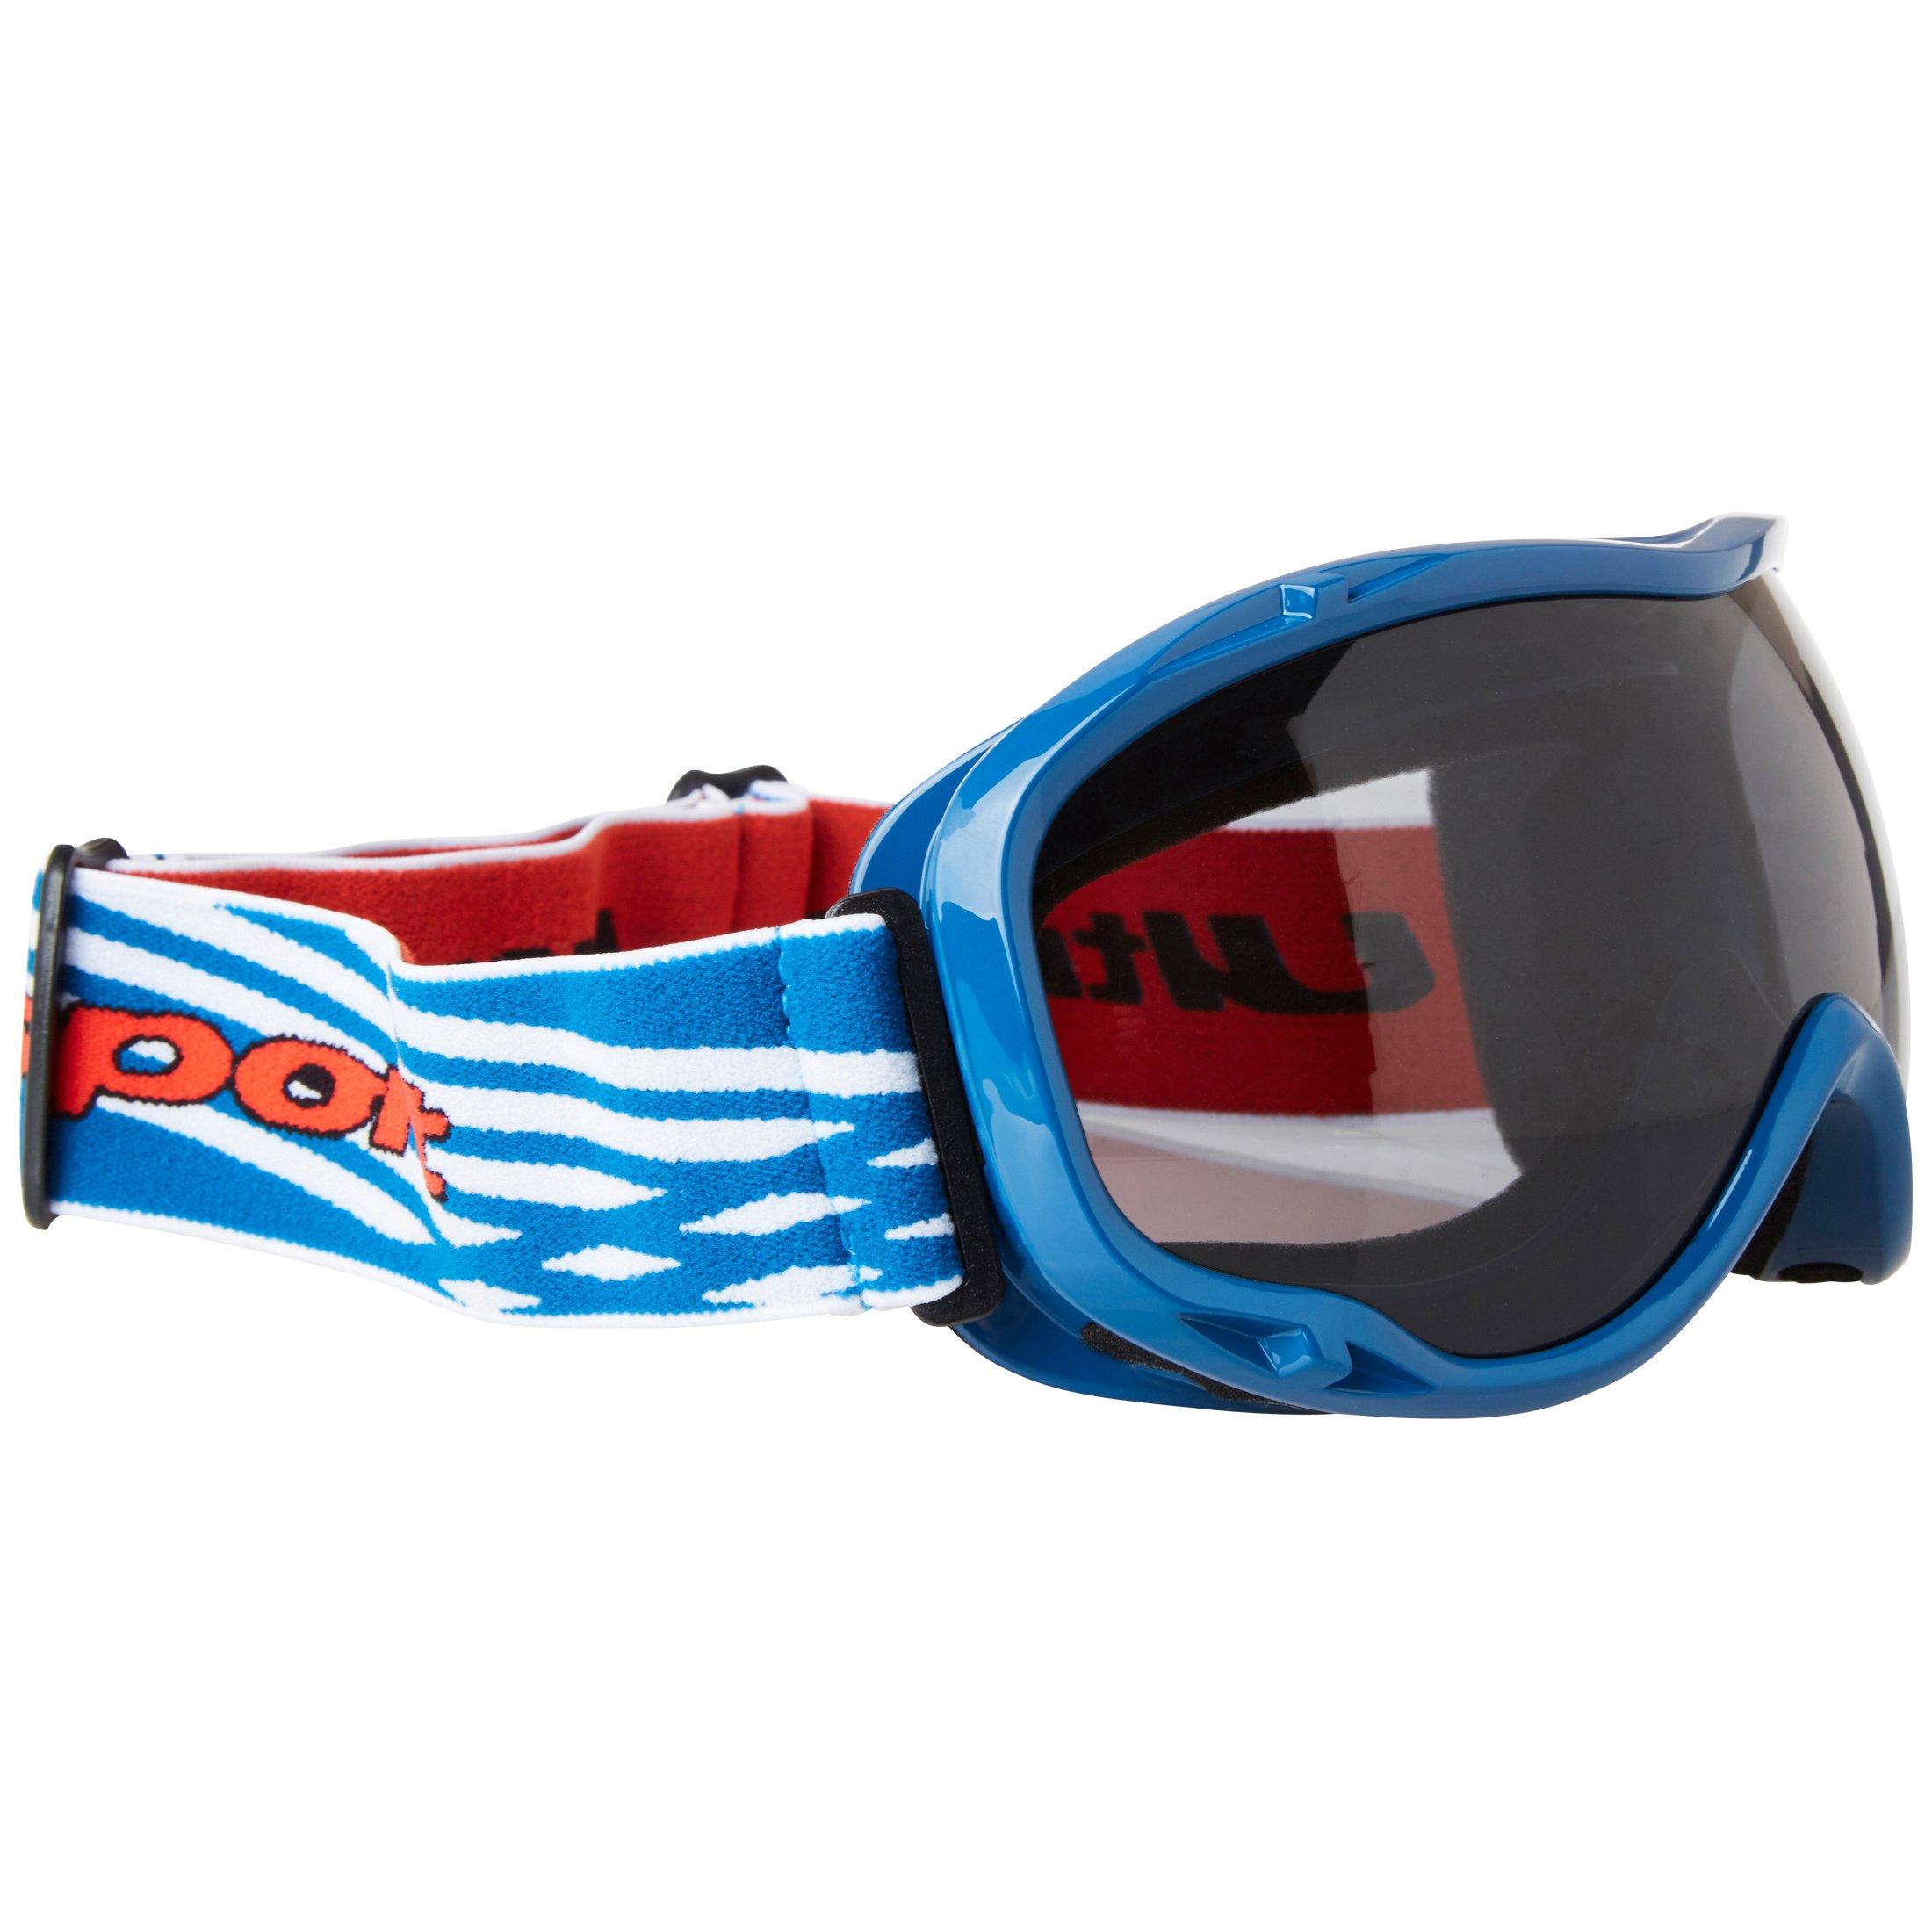 Ultrasport Skibrille / Snowboardbrille mit Antibeschlag-Scheibe, blau-weiß/grau